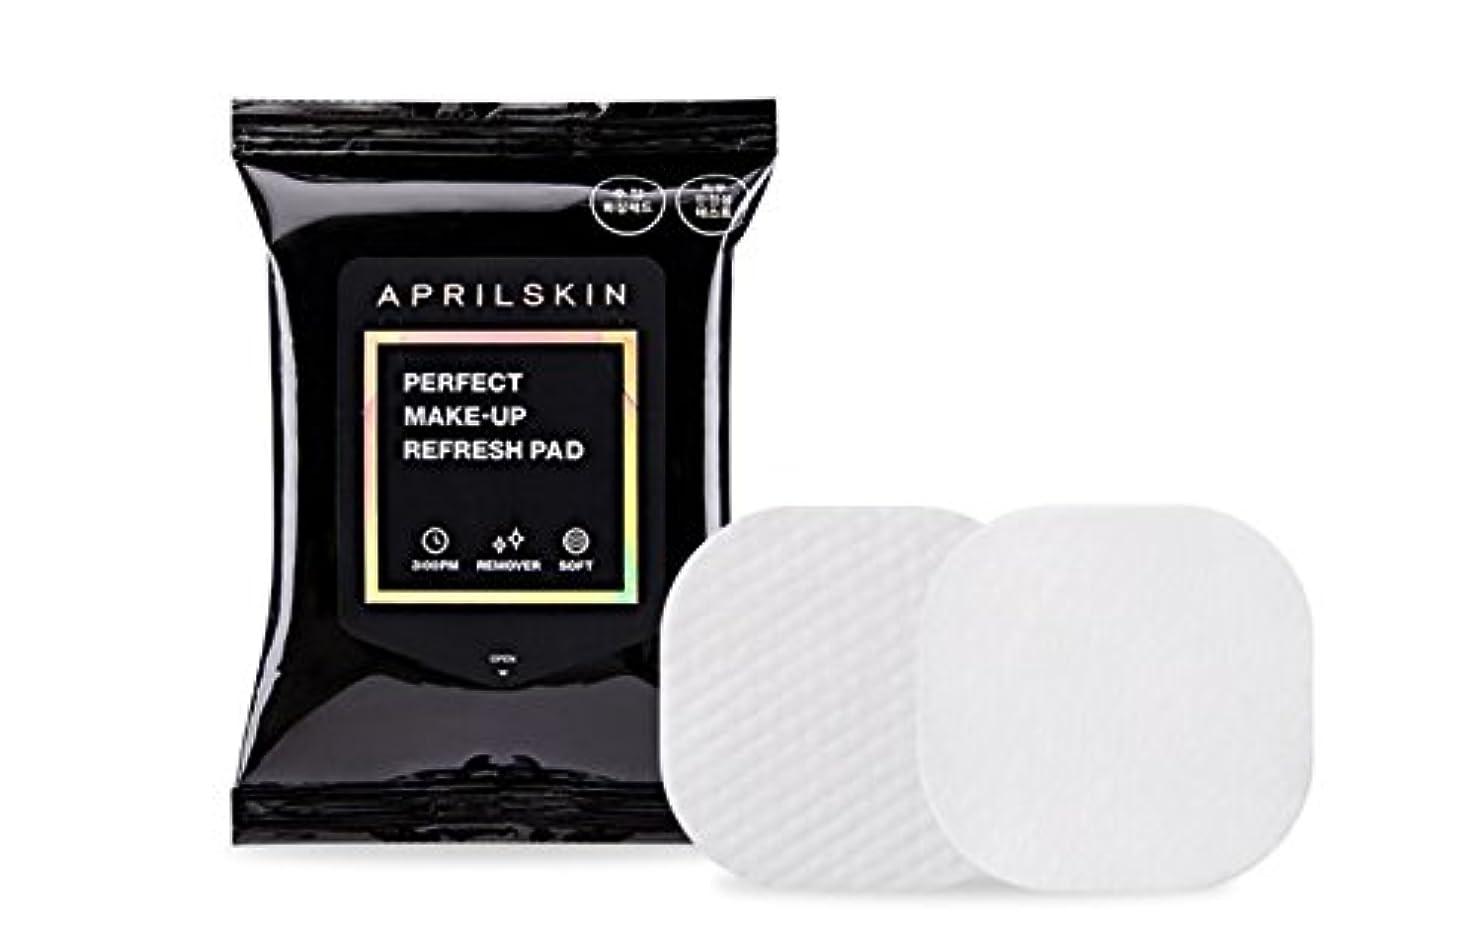 薬剤師単なる野望[APRILSKIN] エイプリルスキンパーフェクト修正化粧パッド 55g 30枚 / PERFECT MAKE-UP REFRESH PAD [並行輸入品]